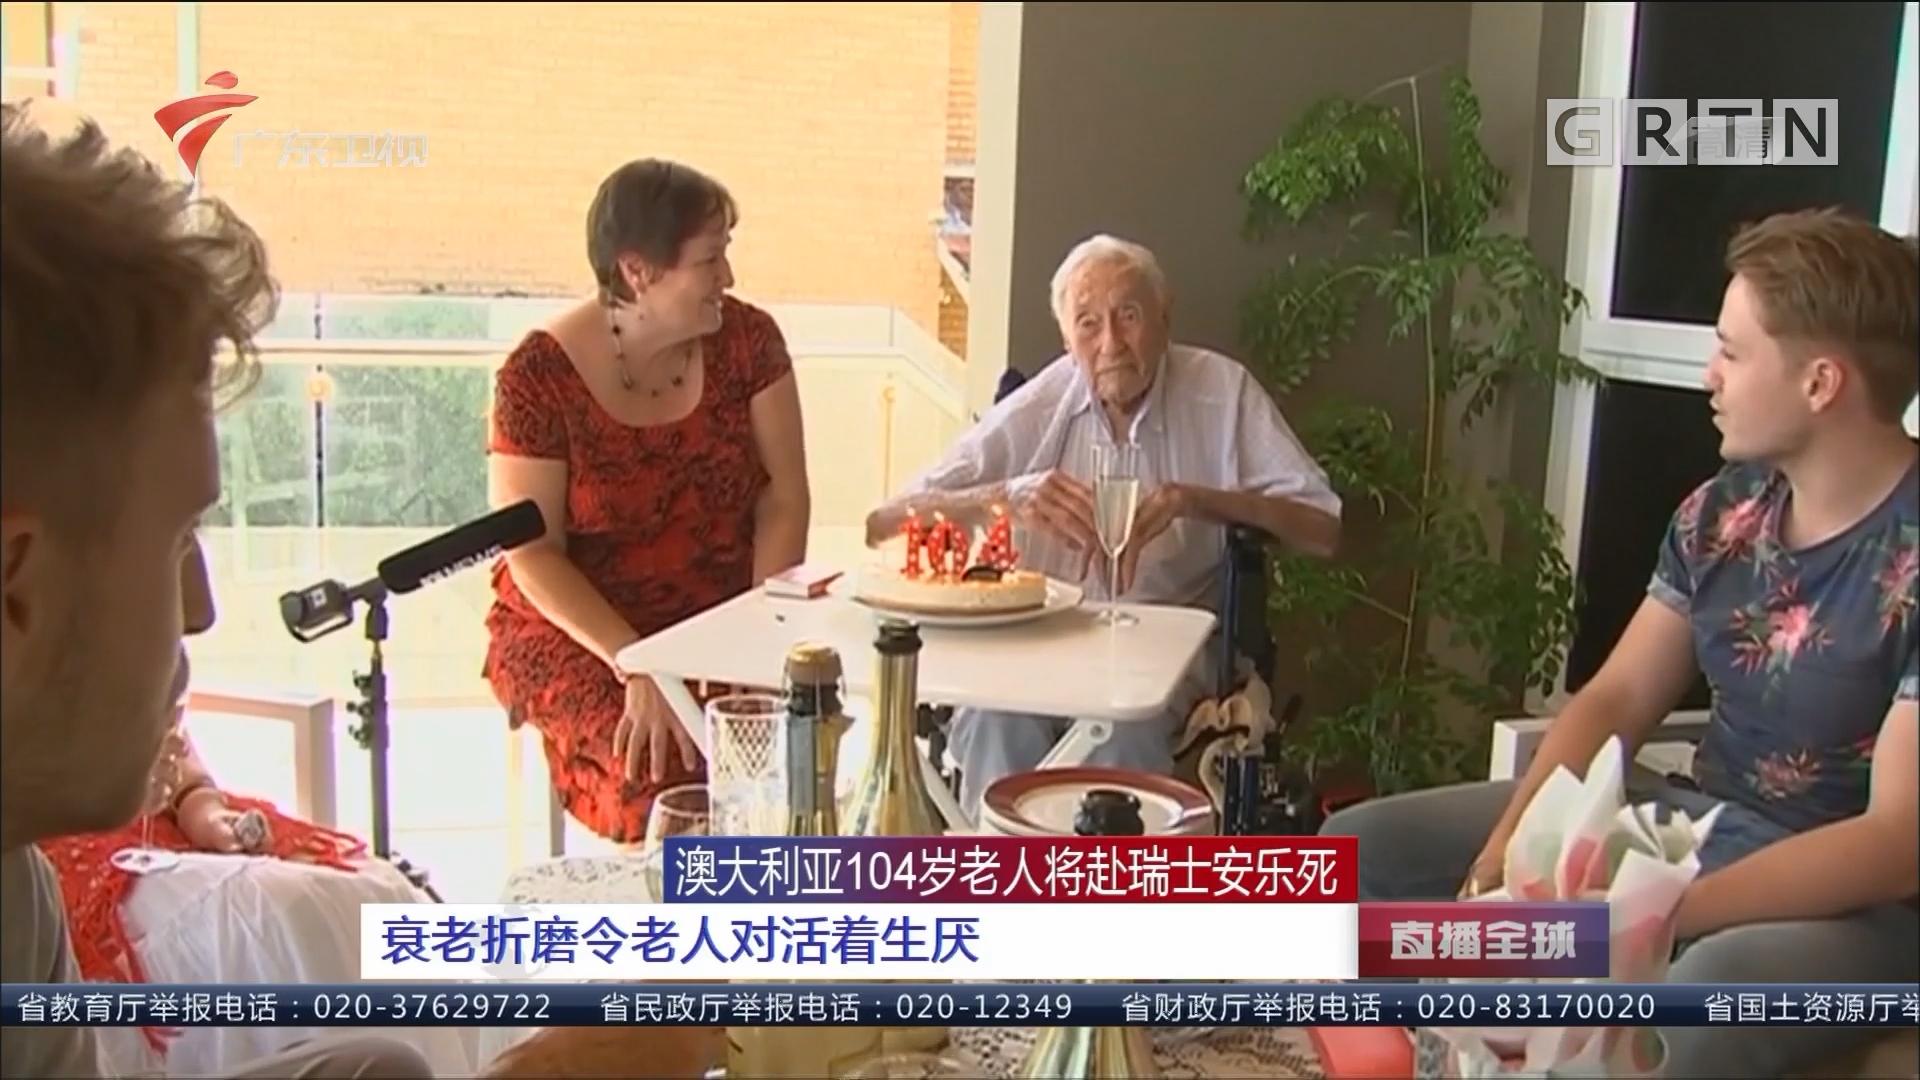 澳大利亚104岁老人将赴瑞士安乐死 衰老折磨令老人对活着生厌